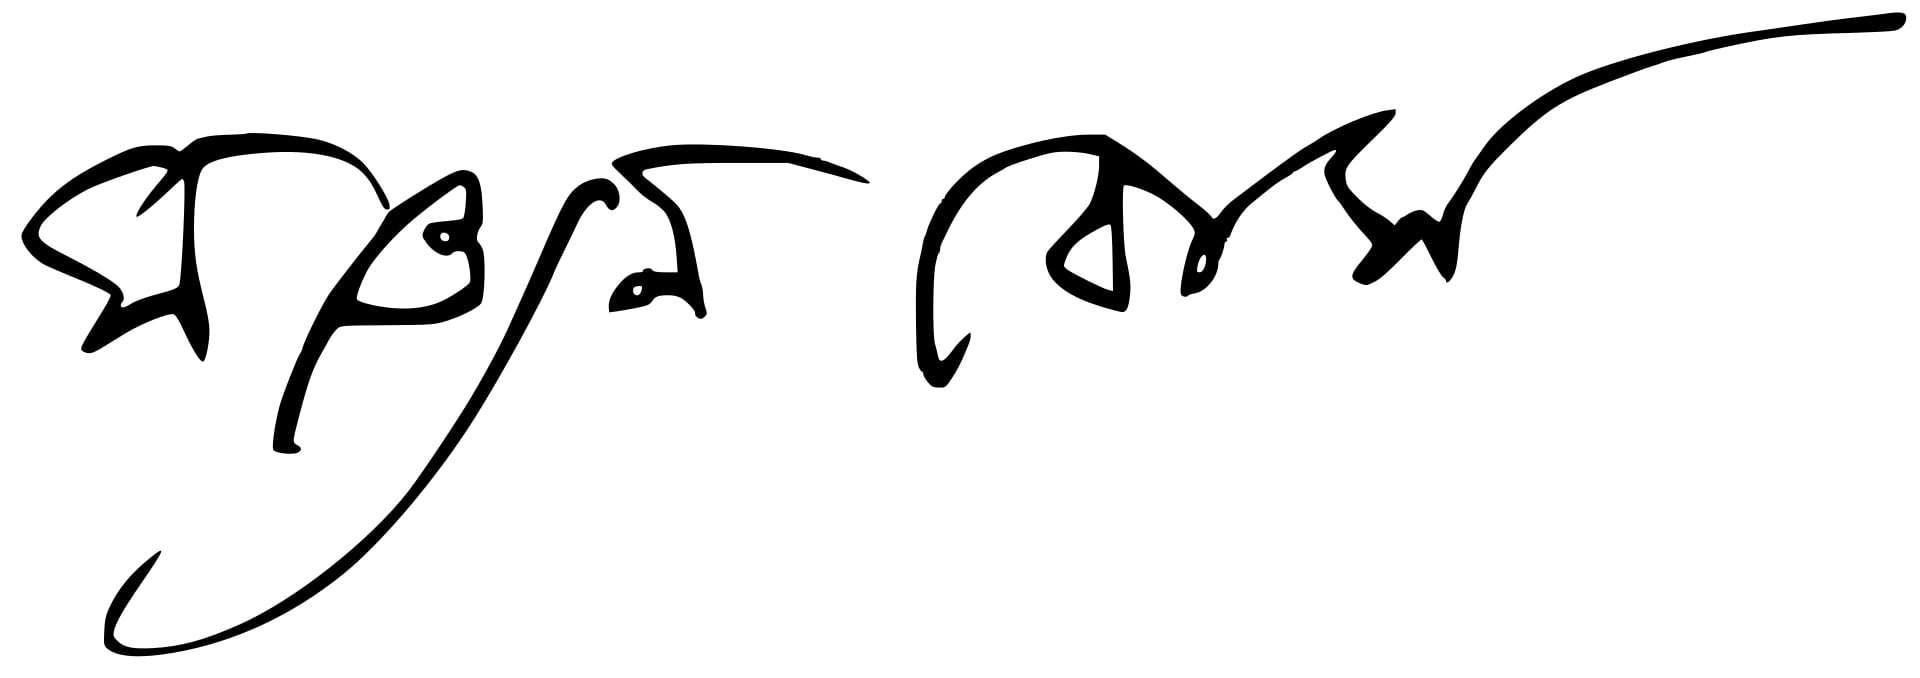 Satyendra Nath Bose Signature